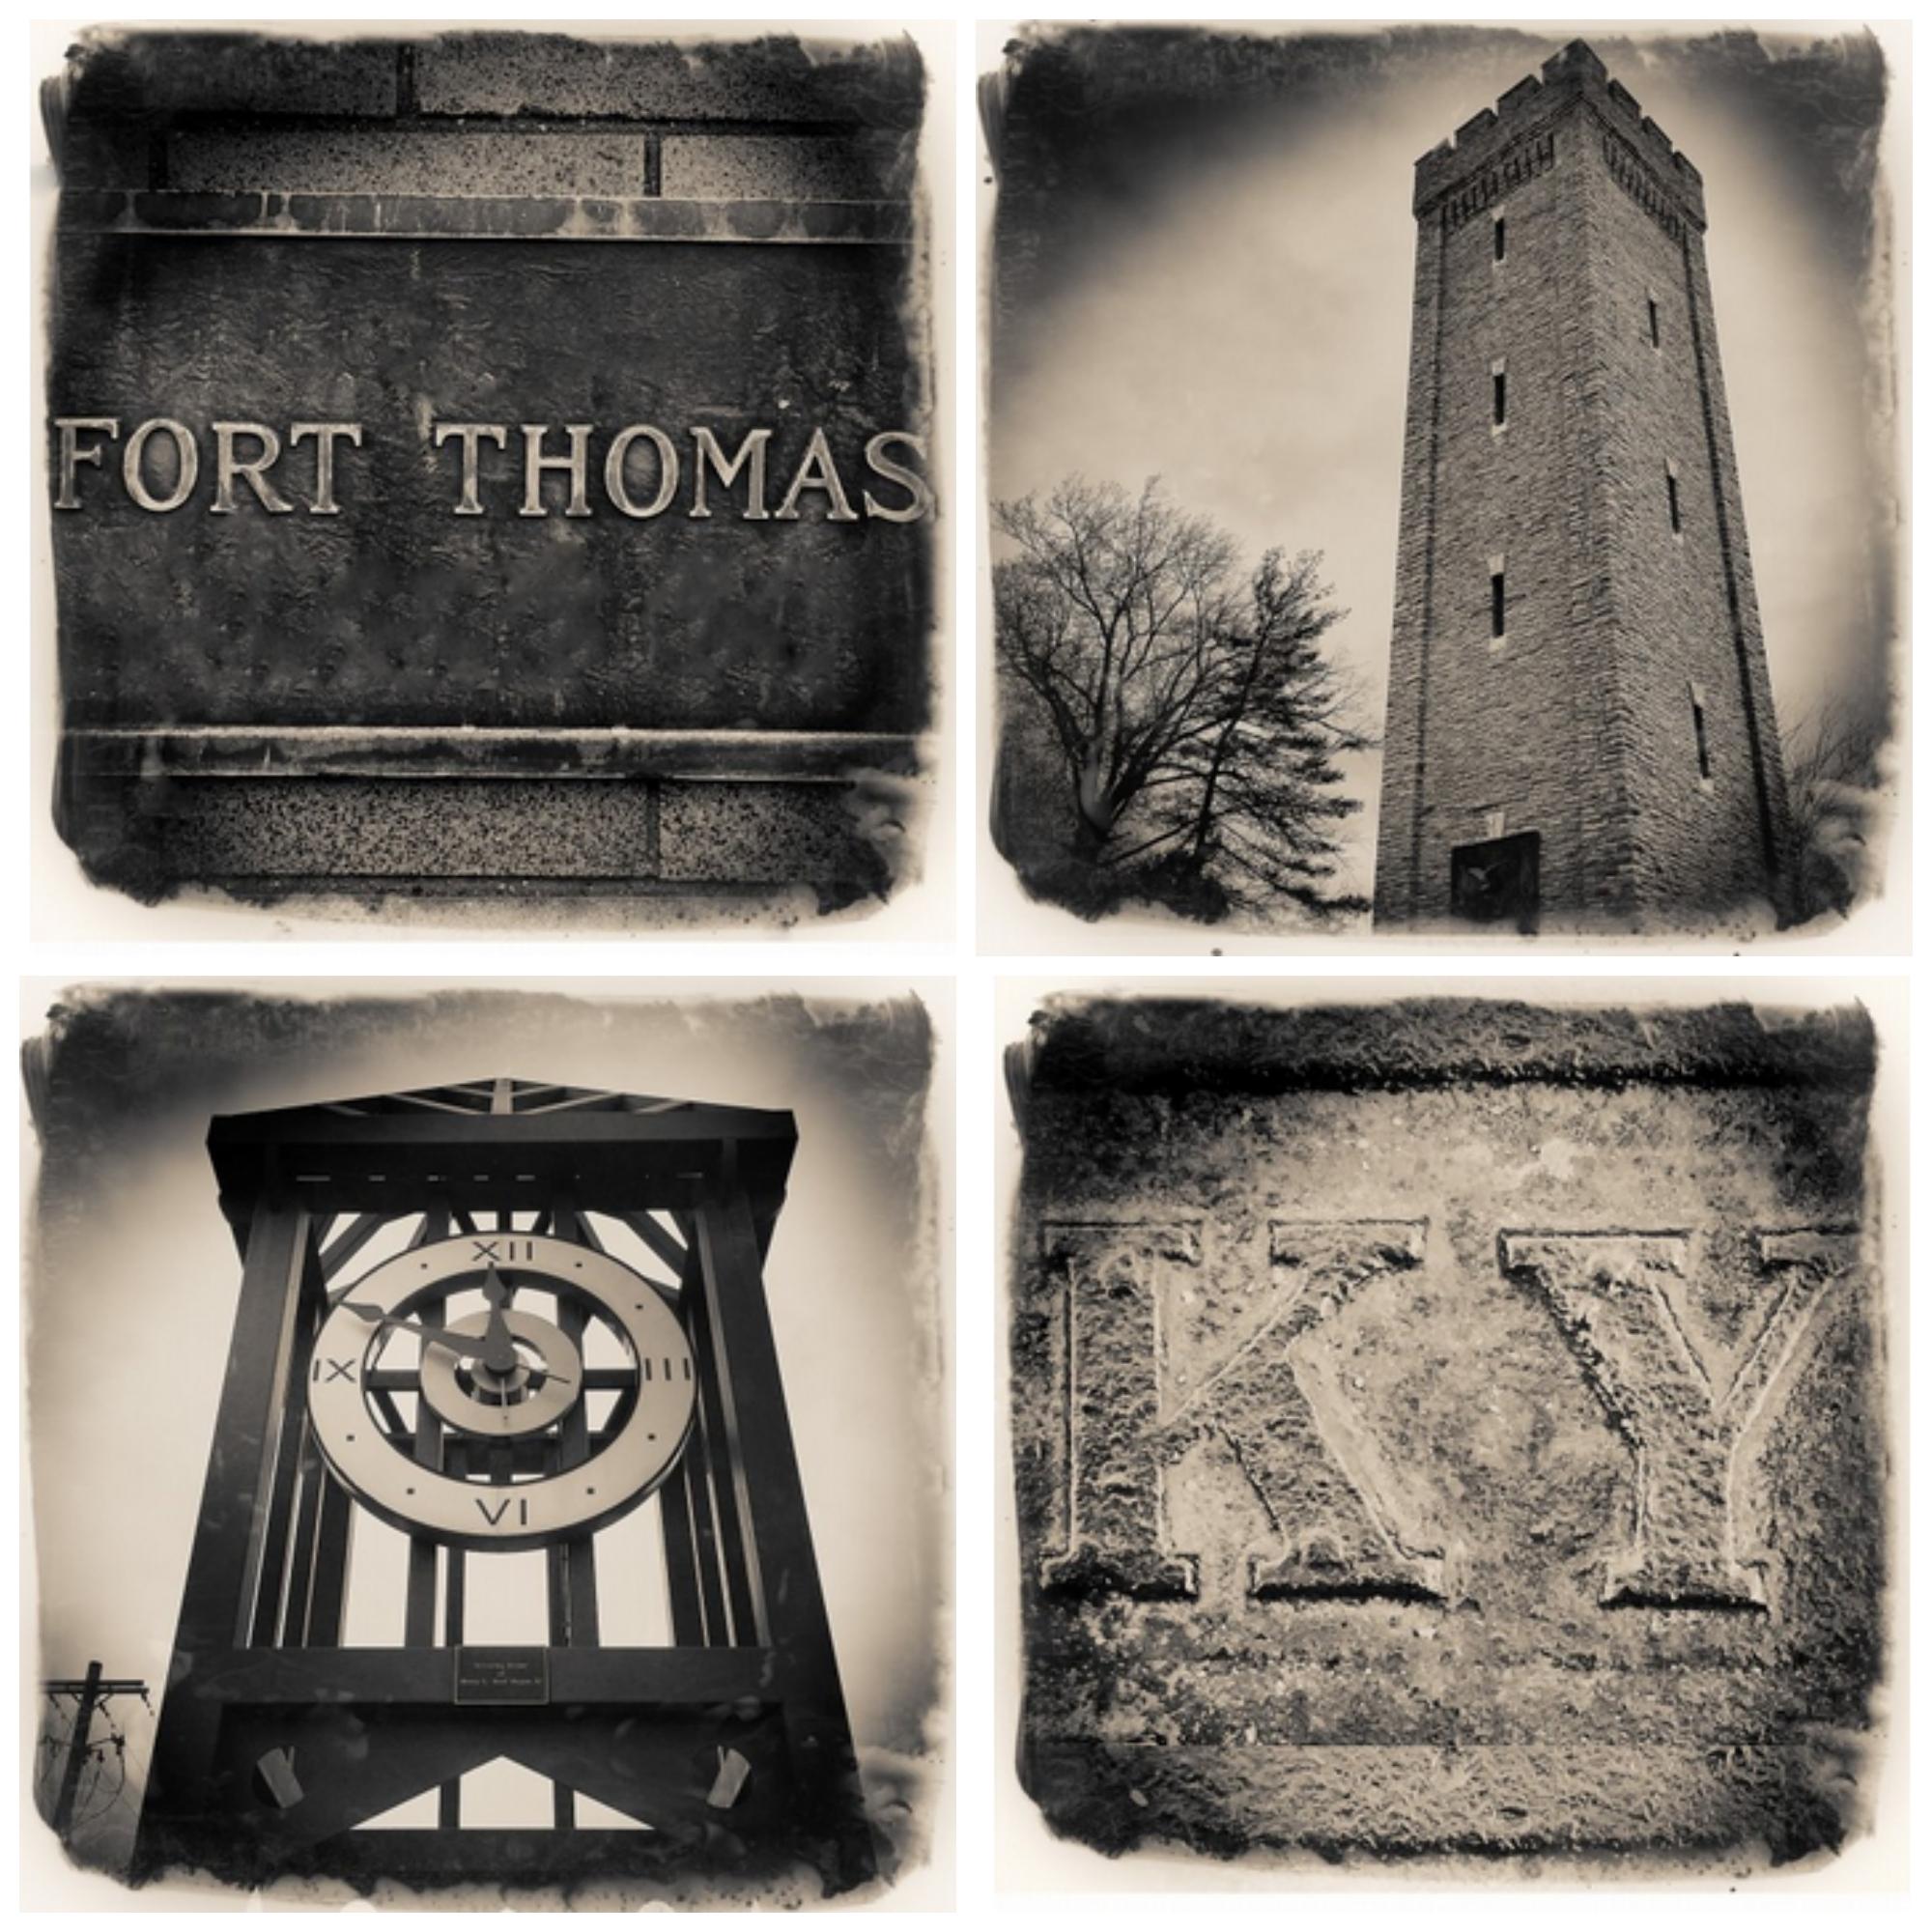 FortThomasCollage.jpg